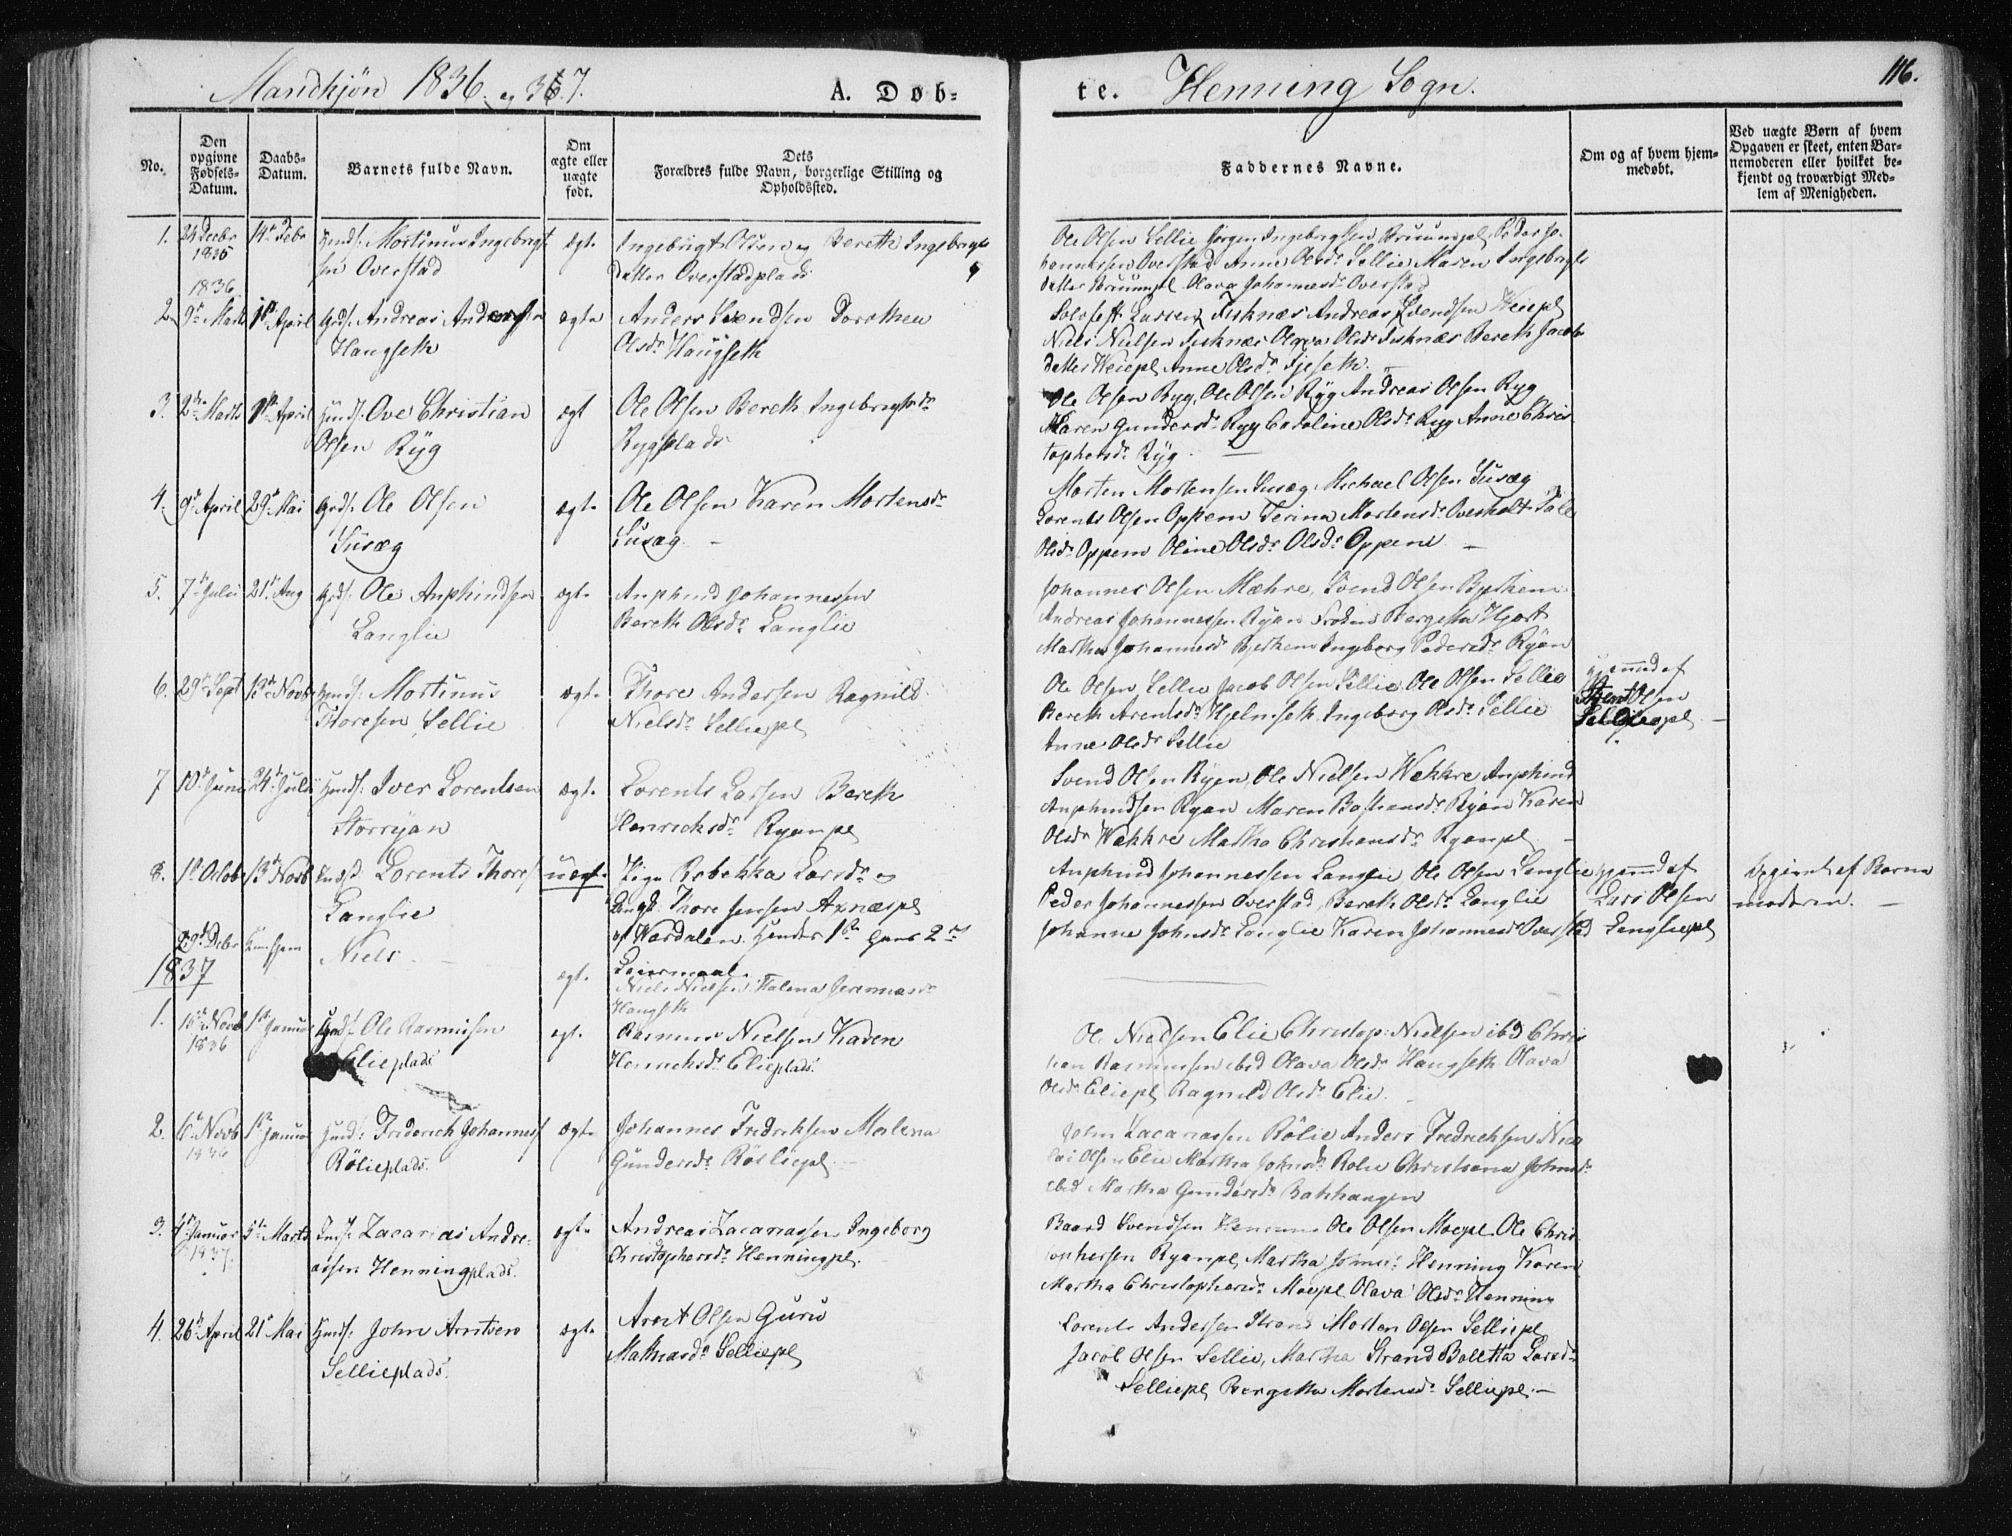 SAT, Ministerialprotokoller, klokkerbøker og fødselsregistre - Nord-Trøndelag, 735/L0339: Ministerialbok nr. 735A06 /3, 1836-1848, s. 116